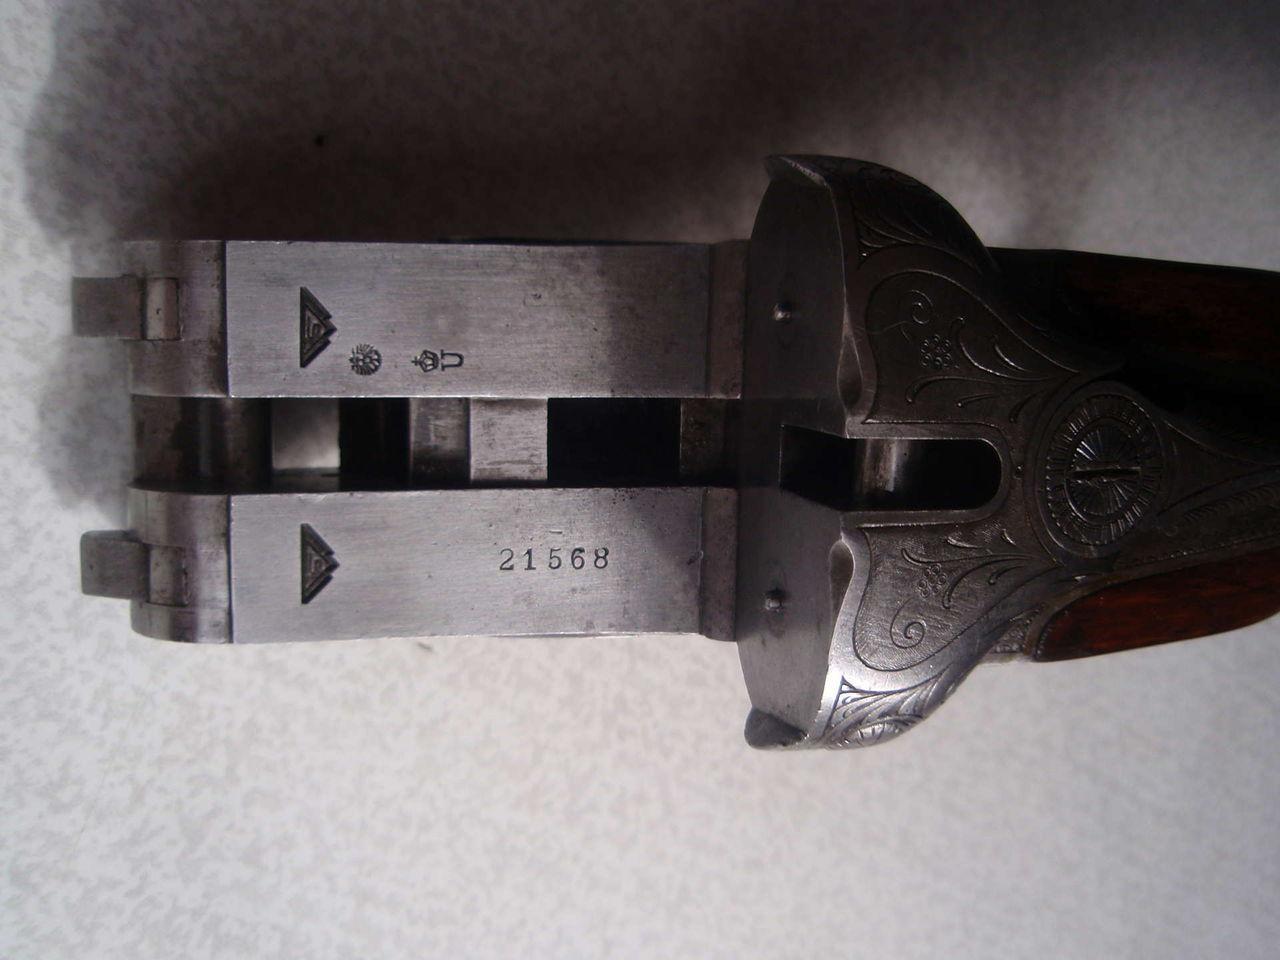 ружье зимсон 16 калибр цена фото